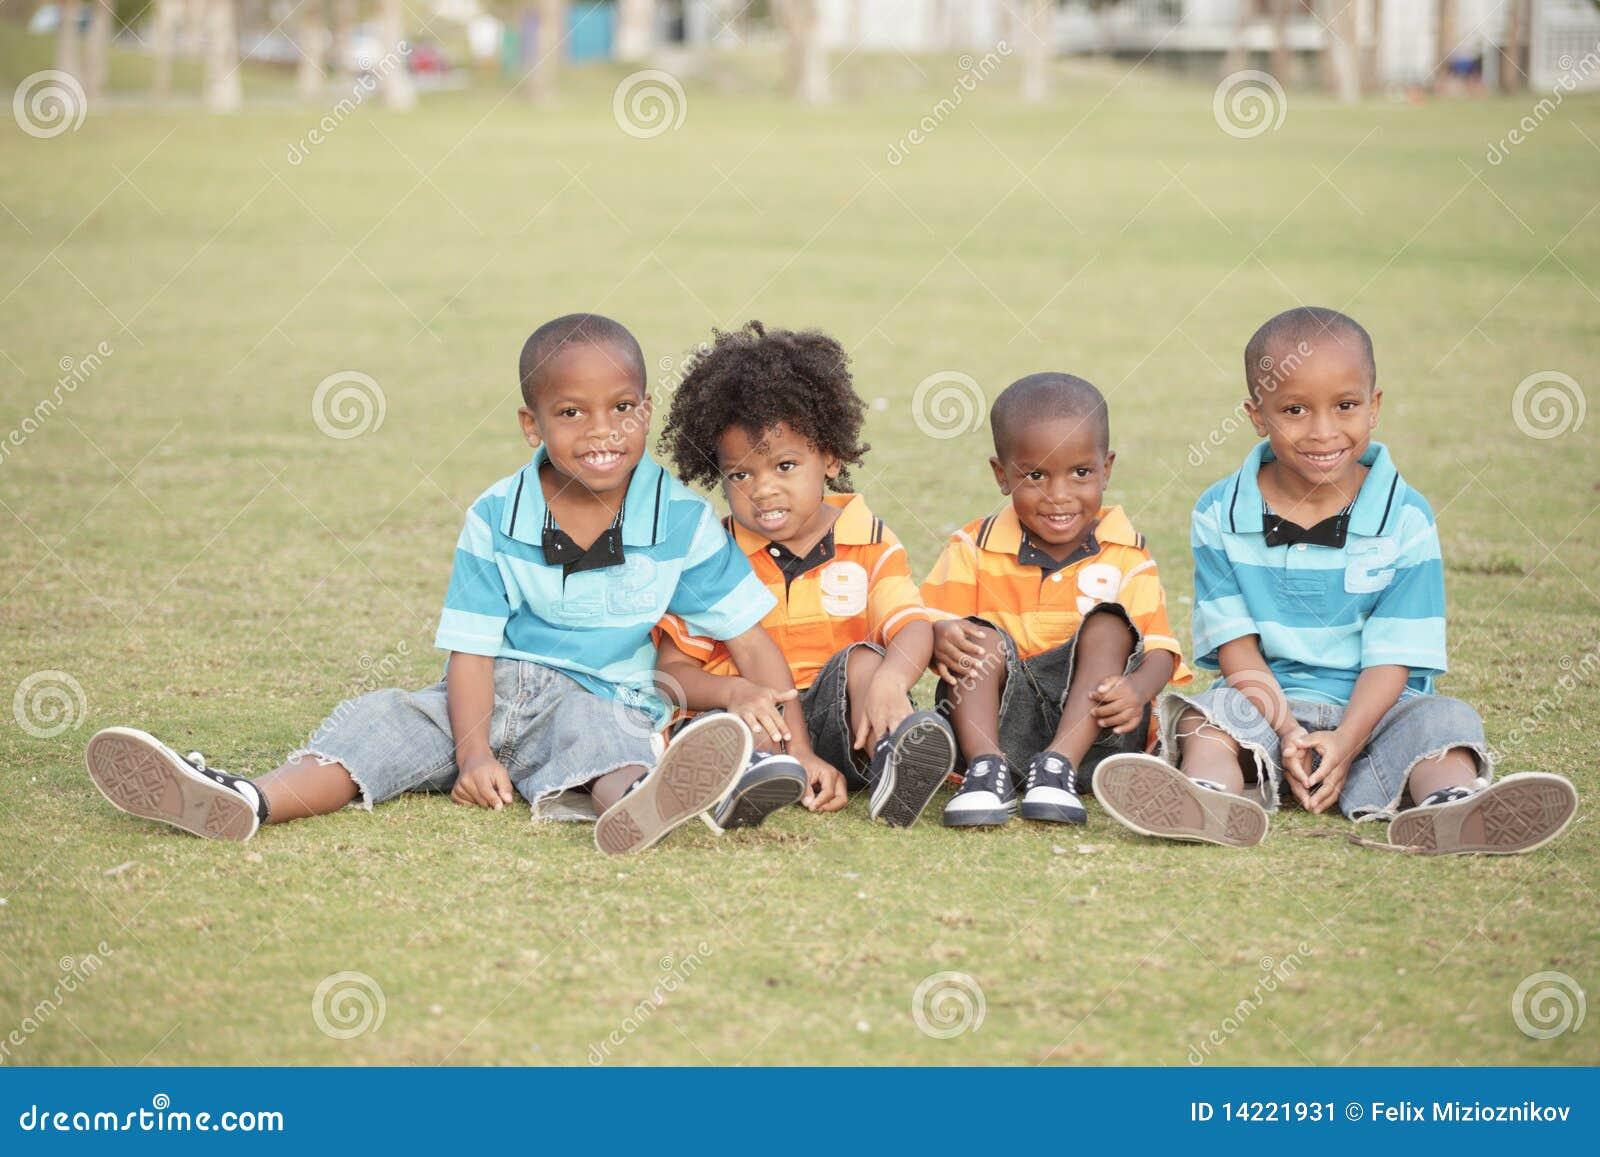 Vier nette Jungen im Park